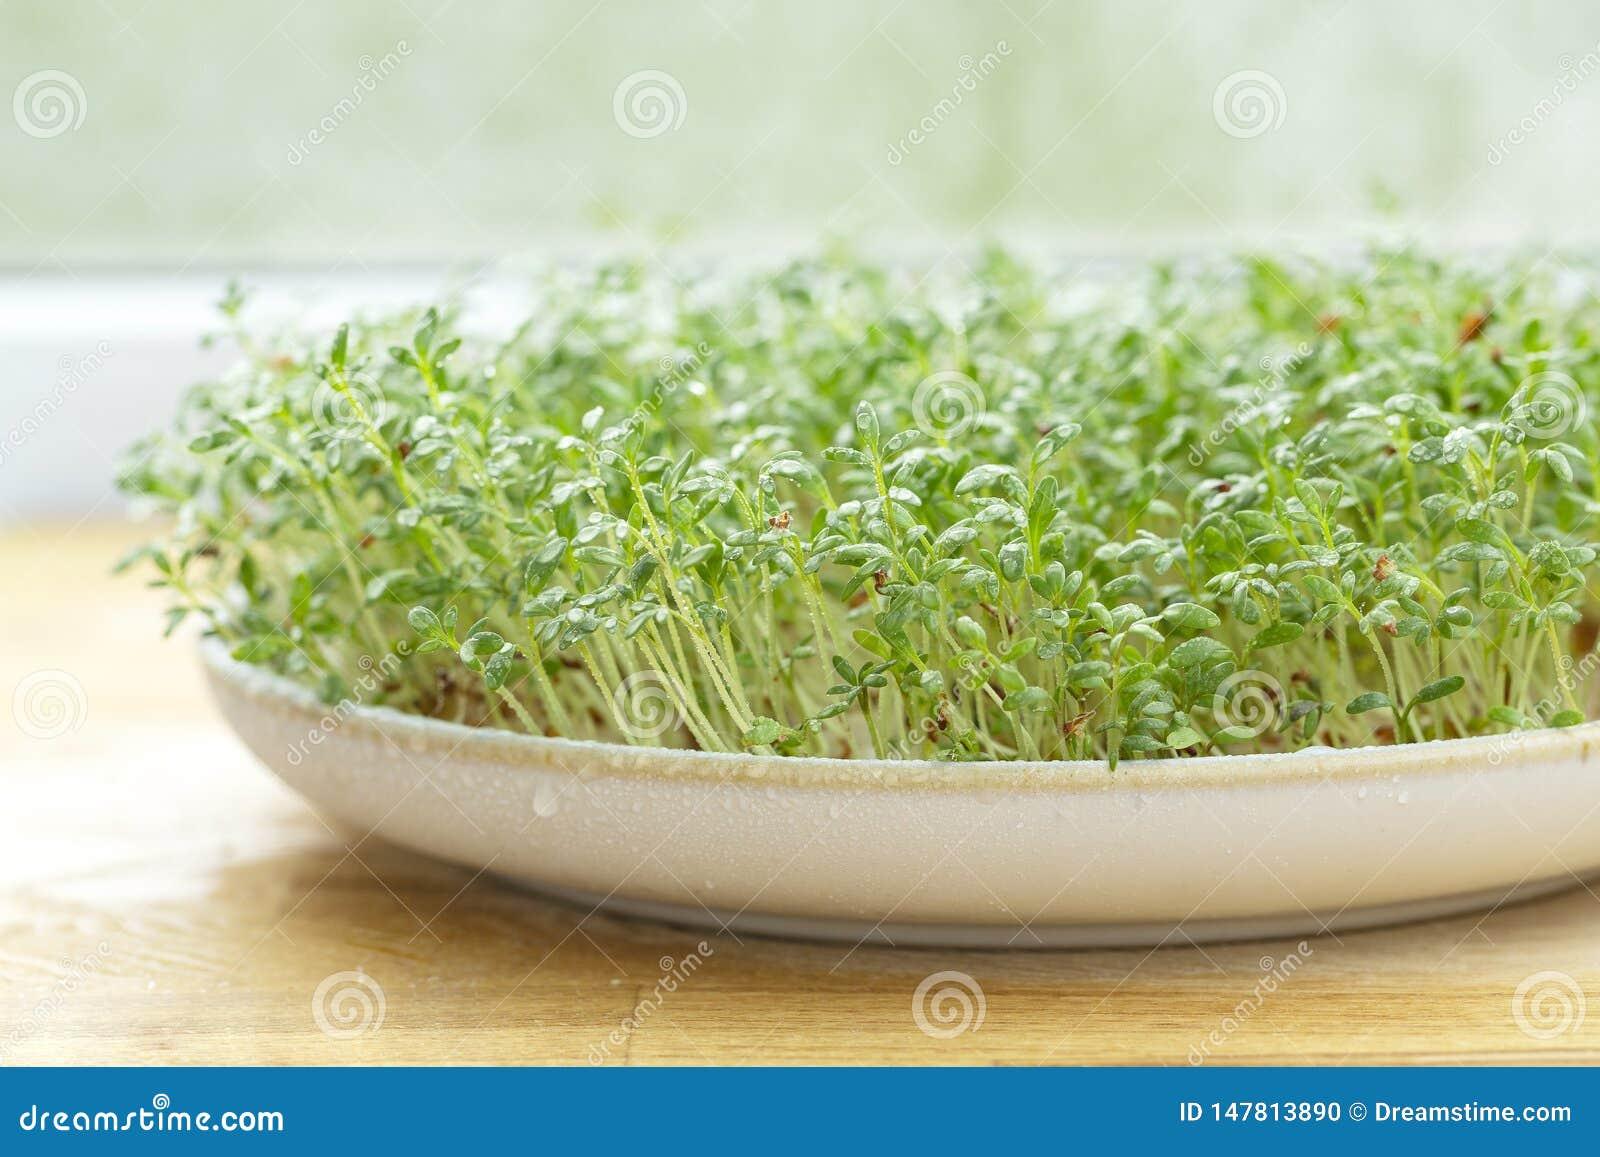 Crescione fresco sulla tavola di legno Micro verdi crescenti Germogliare Cress Salad Seeds Fuoco selettivo